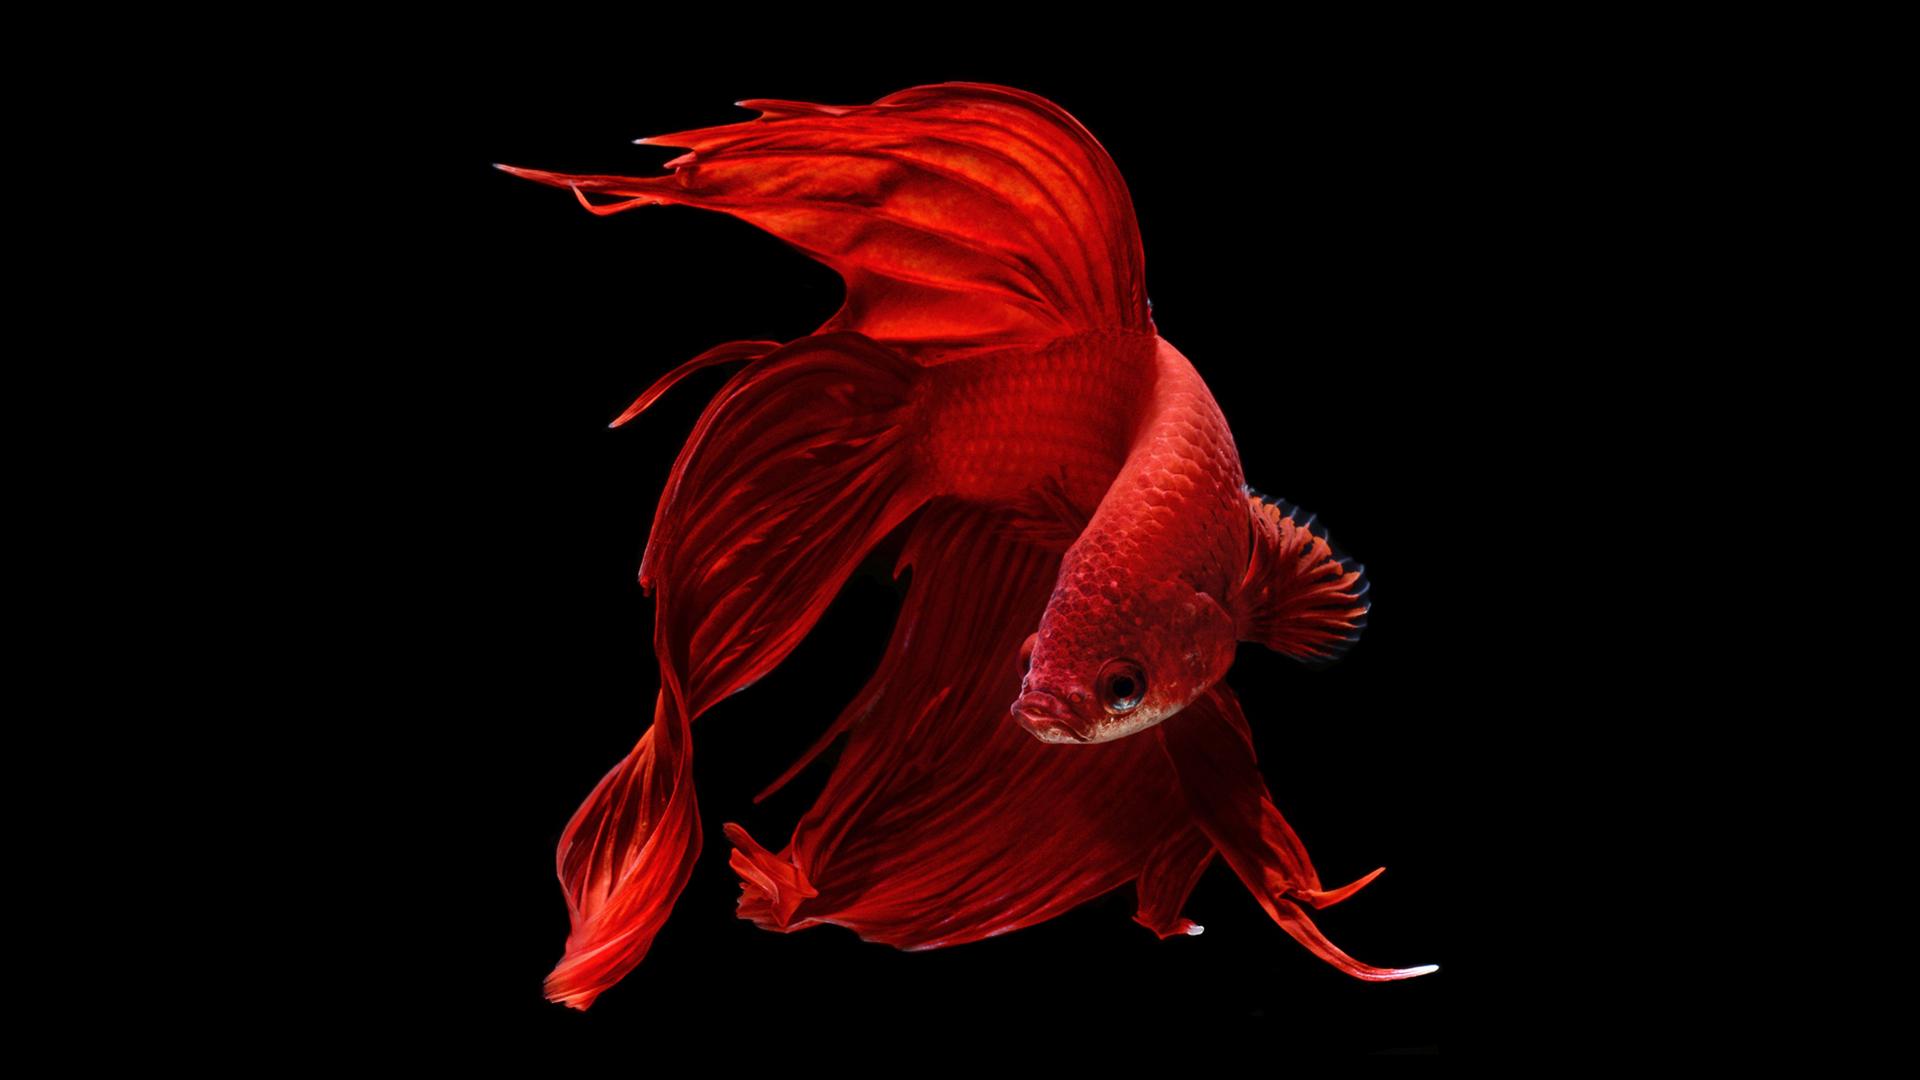 Red fish wallpaper wallpapersafari for Betta fish live wallpaper